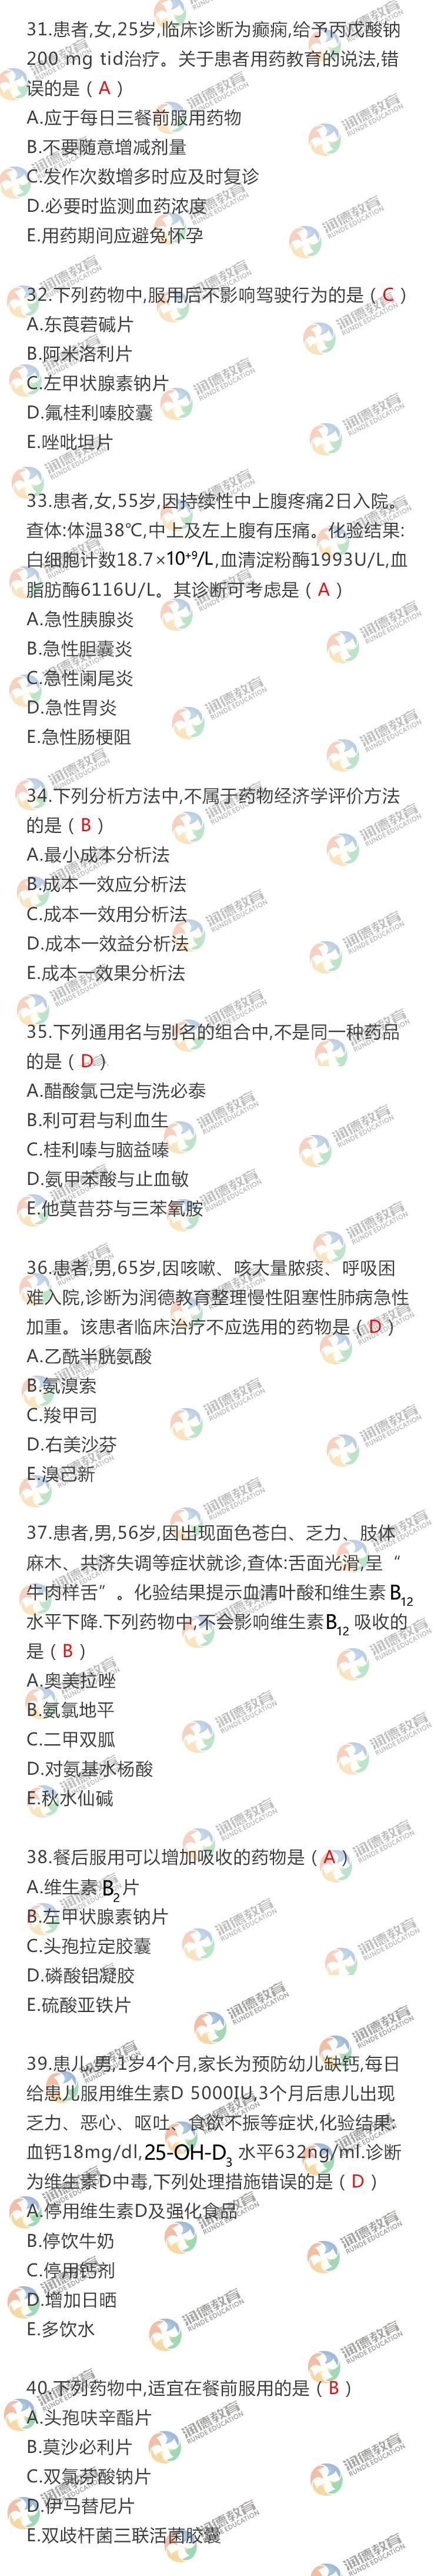 西药综合31-40.jpg